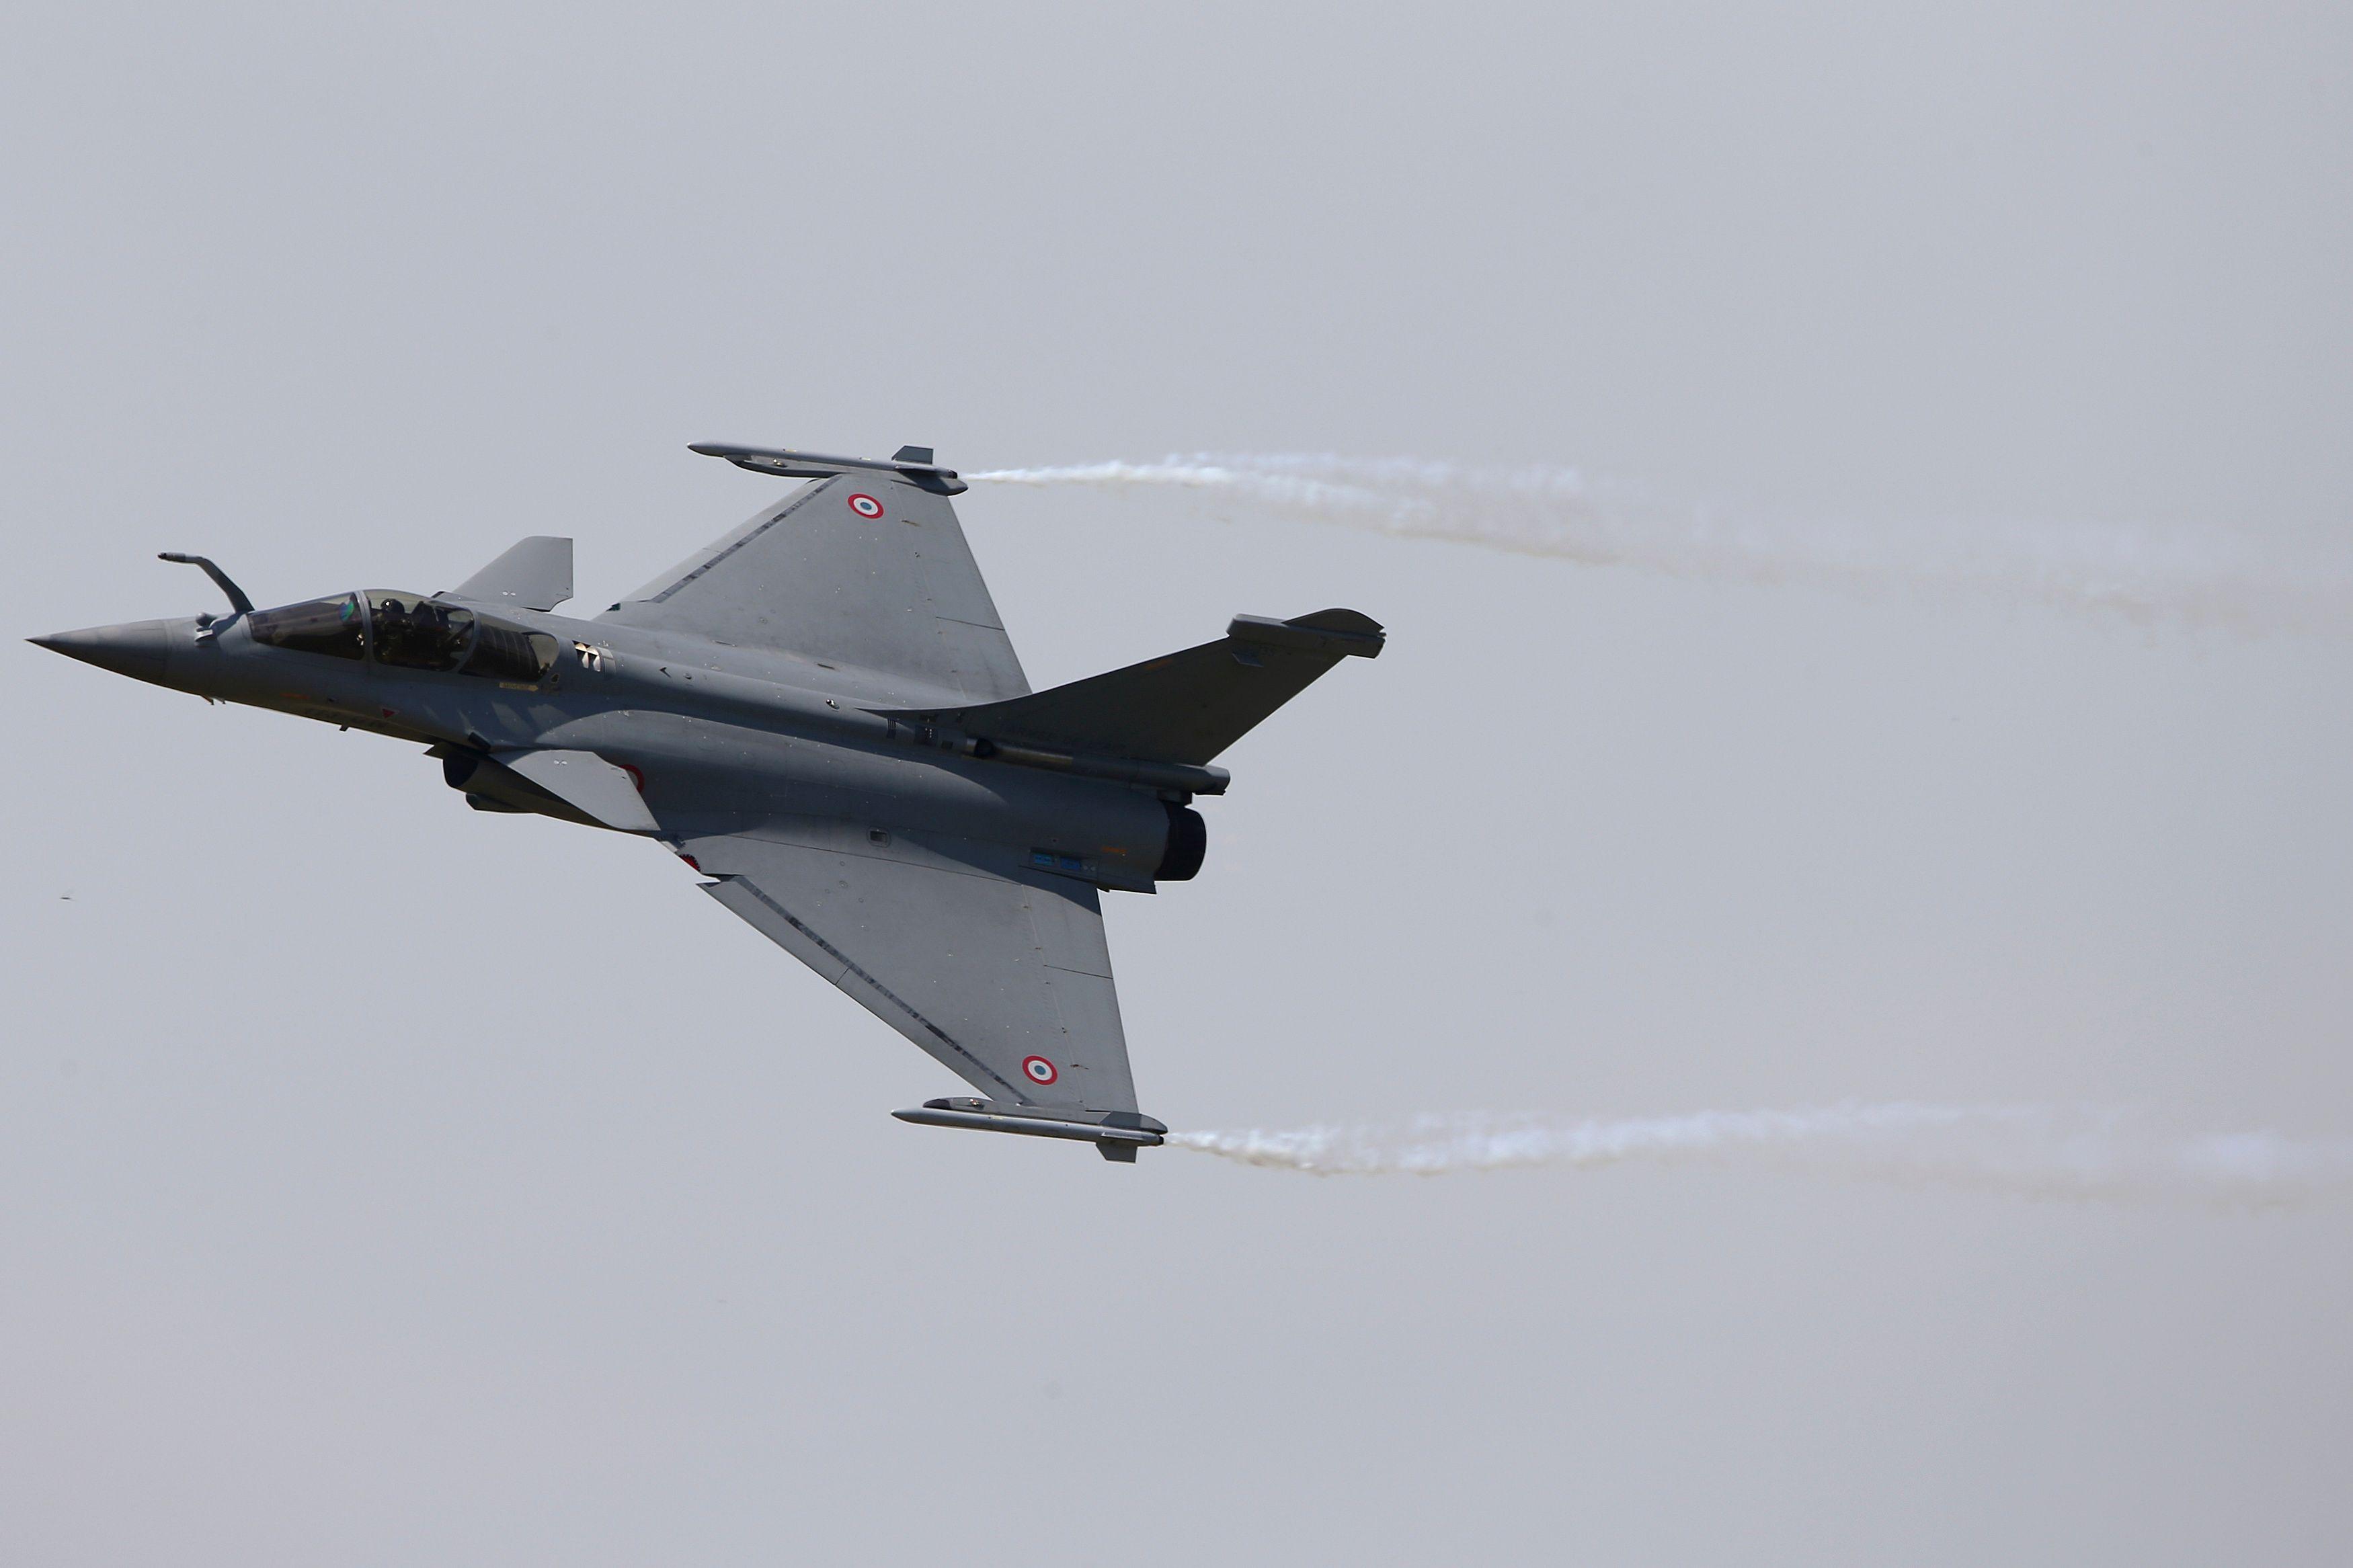 La France, patrie des Droits de l'homme, a tendance à utiliser ses avions Rafale pour les faire appliquer.